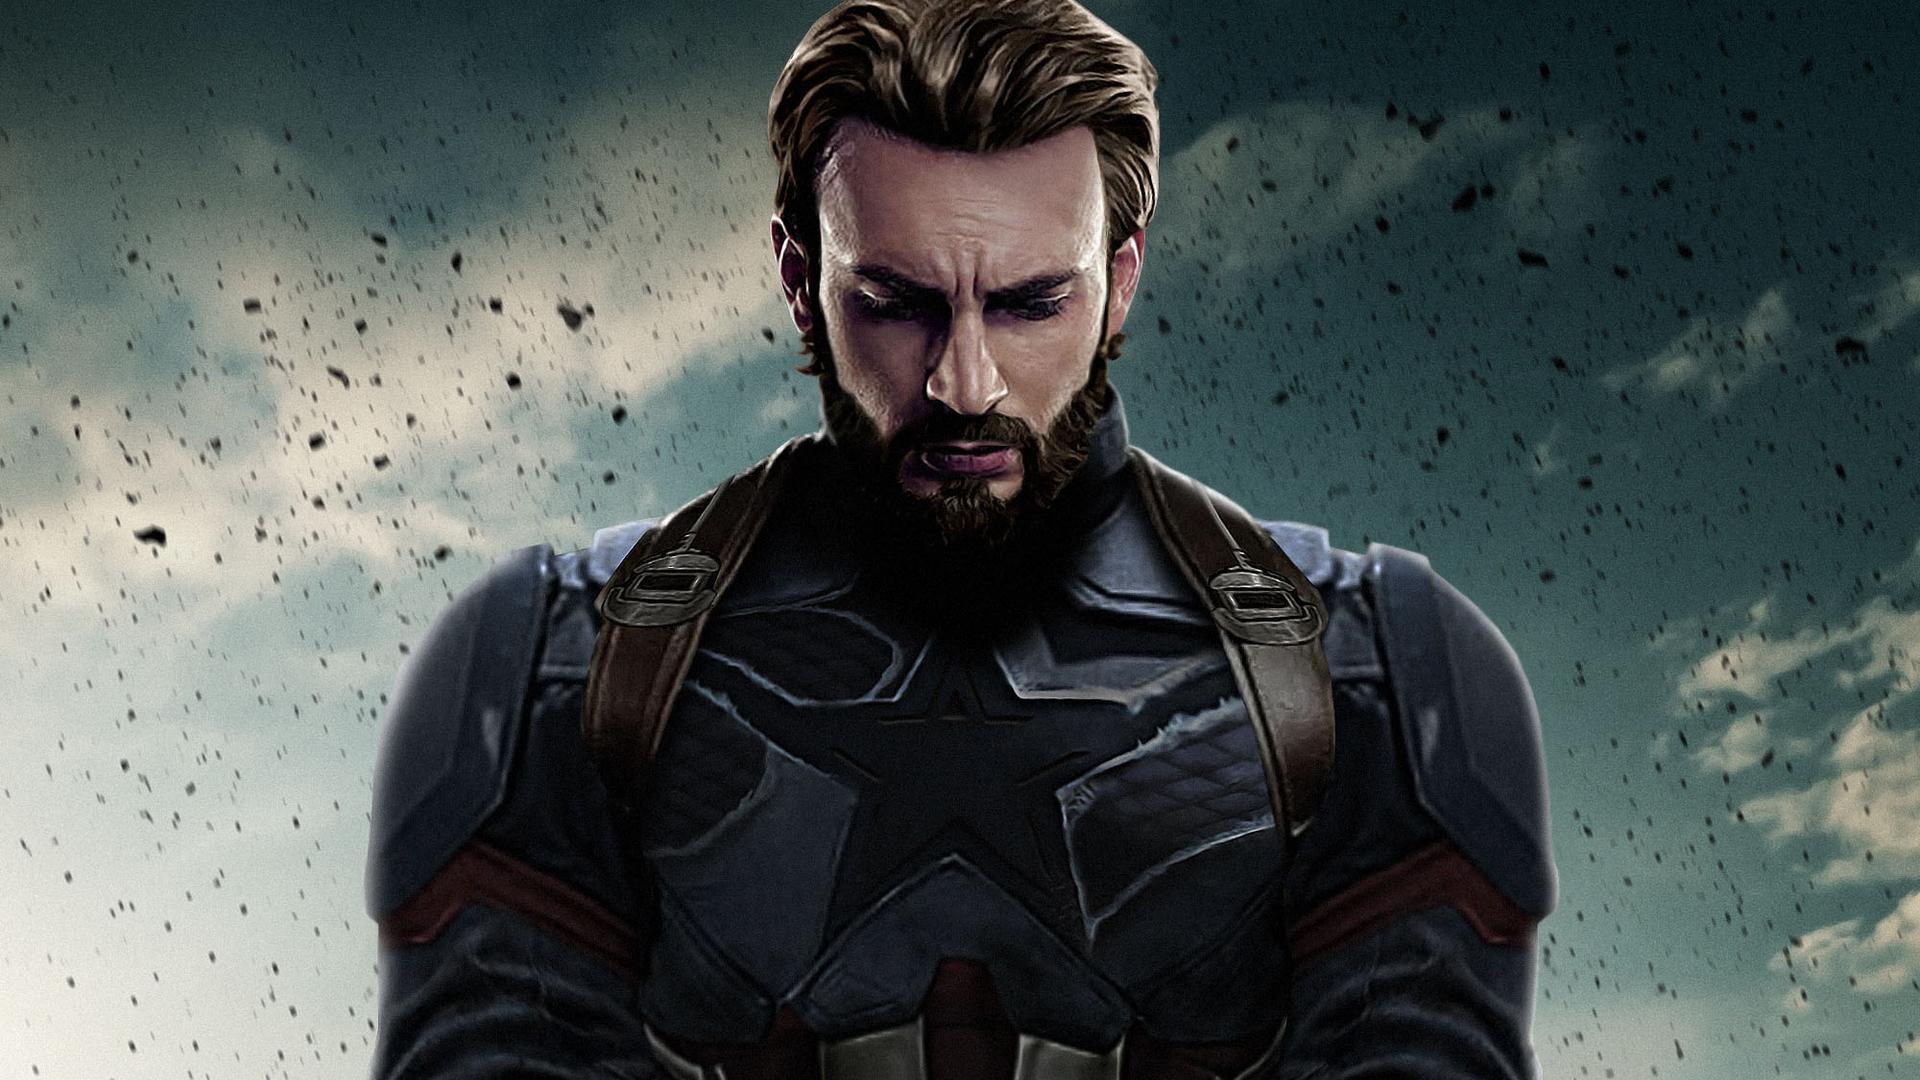 '어벤져스: 엔드게임'을 마지막으로 캡틴 아메리카 역의 크리스 에반스는 떠날 것으로 보인다.